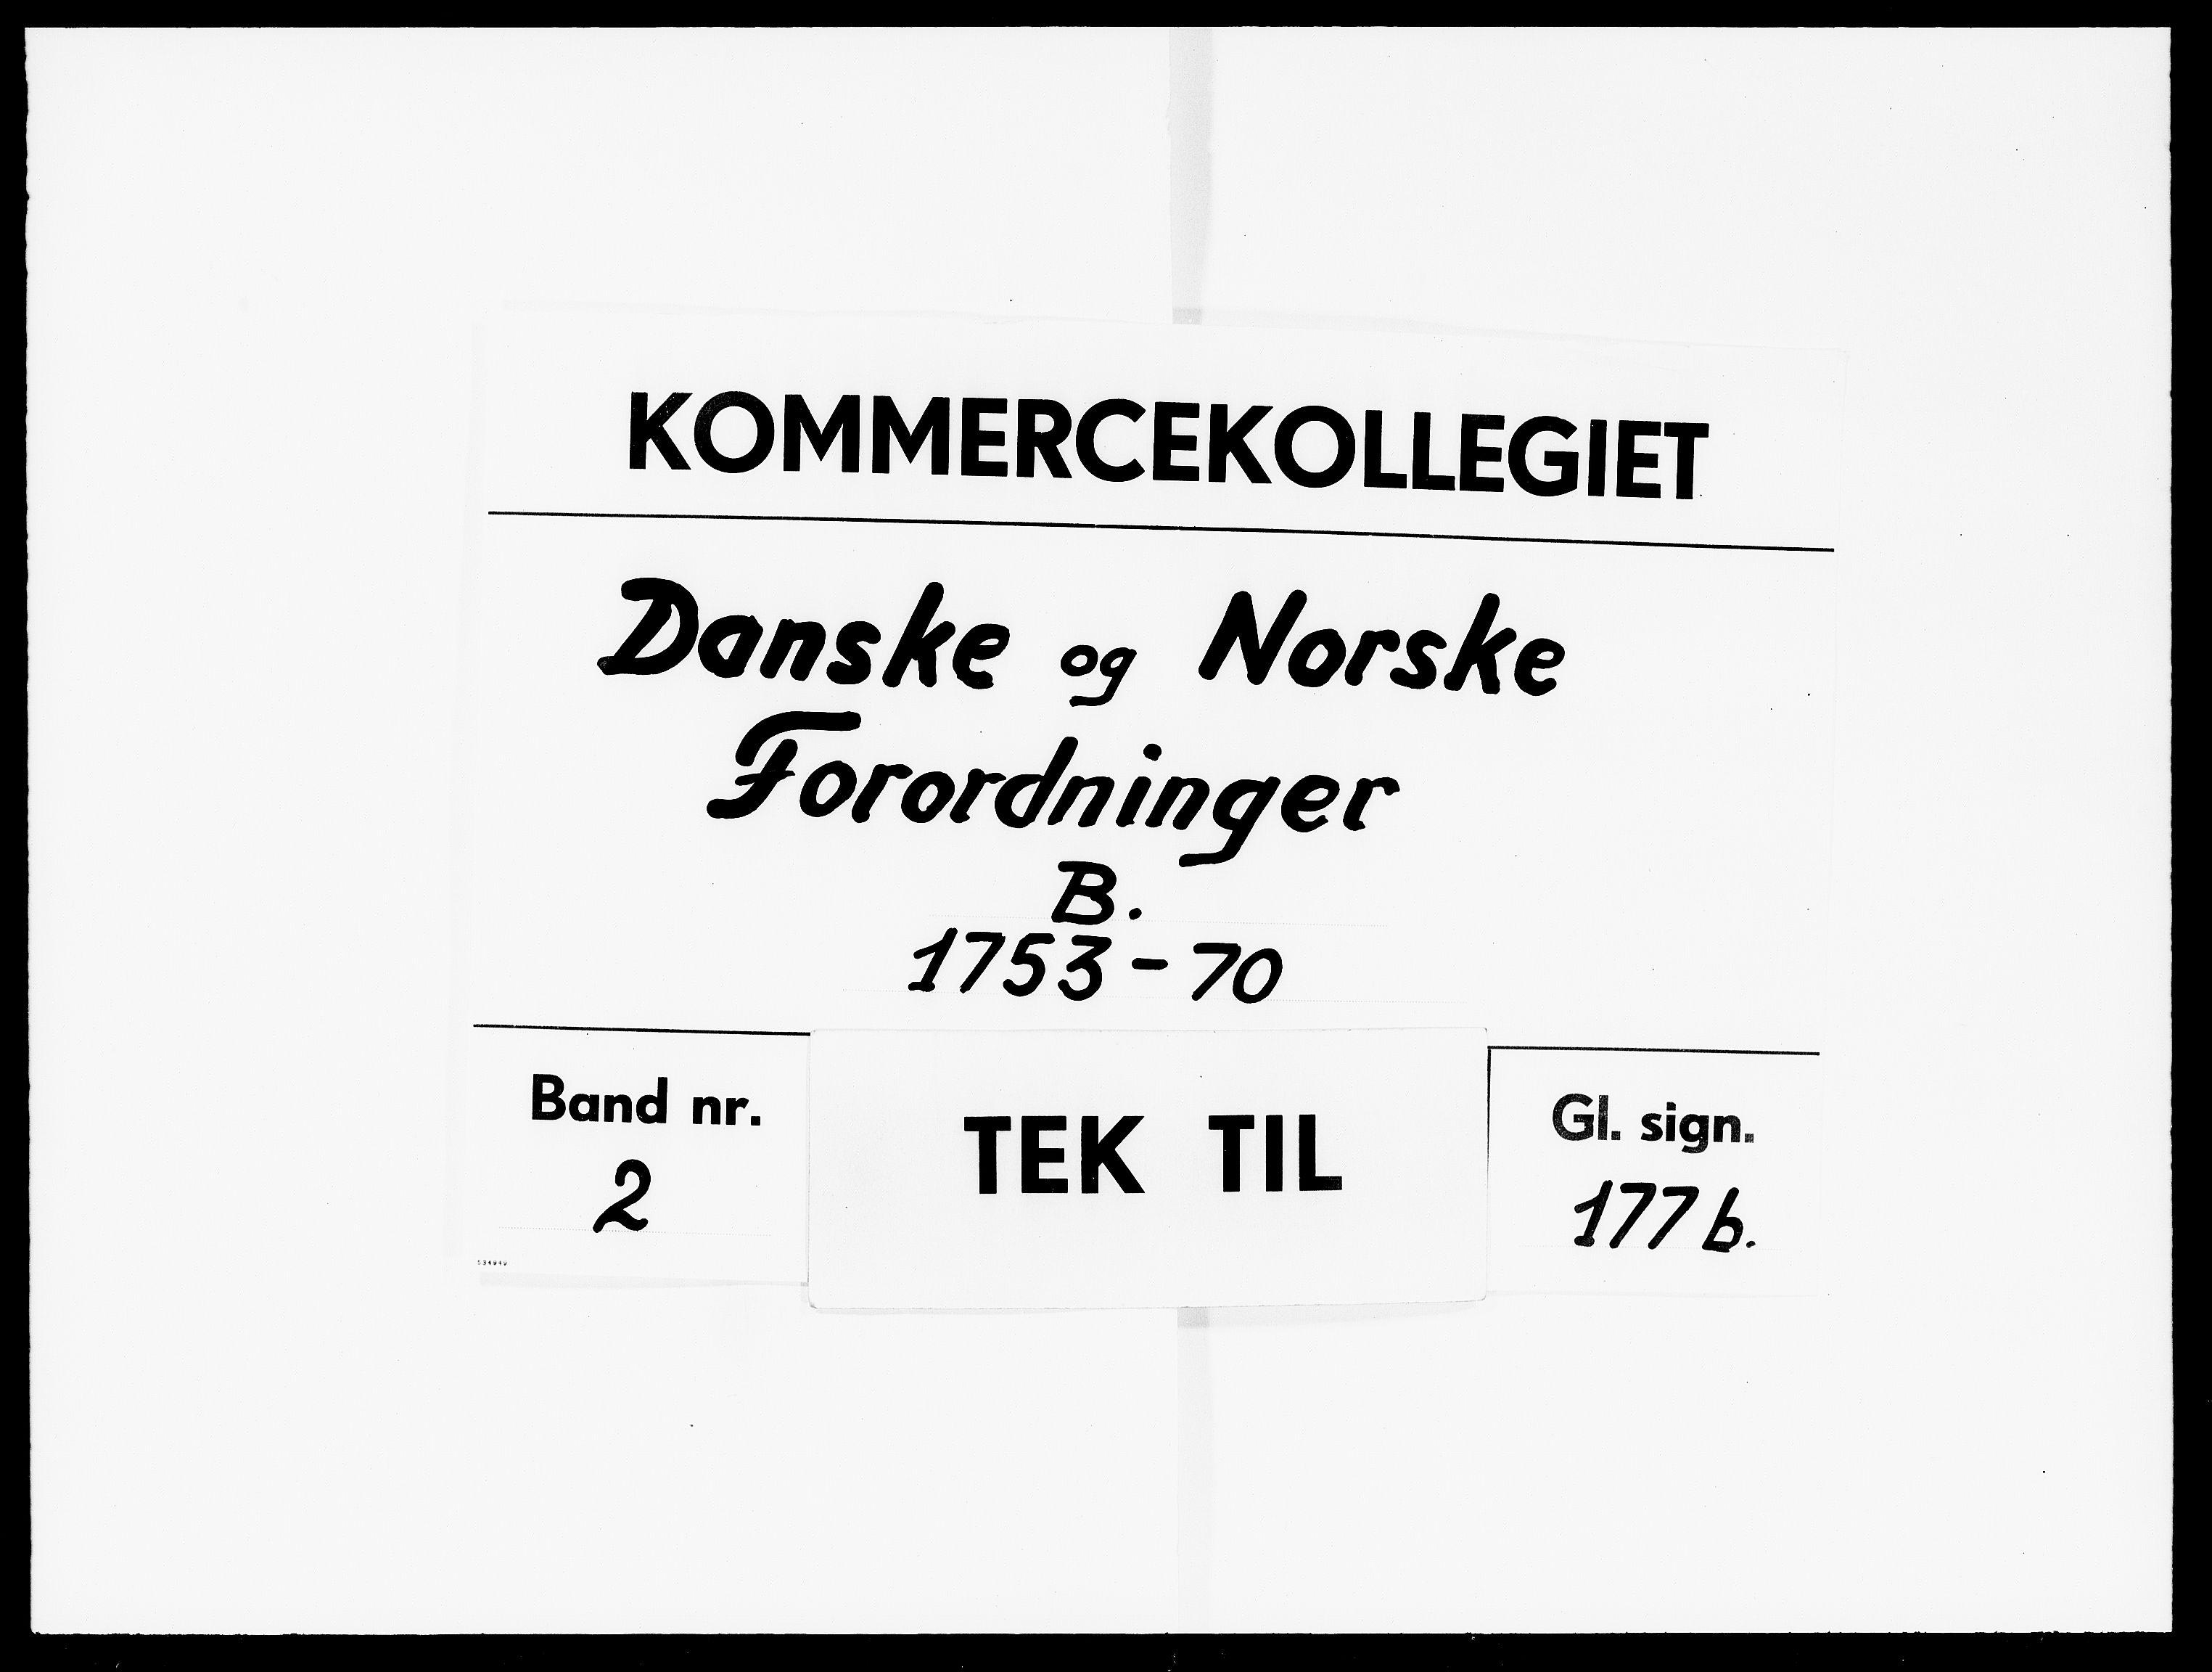 DRA, Kommercekollegiet, Dansk-Norske Sekretariat, -/17: Danske og norske forordninger B, 1753-1770